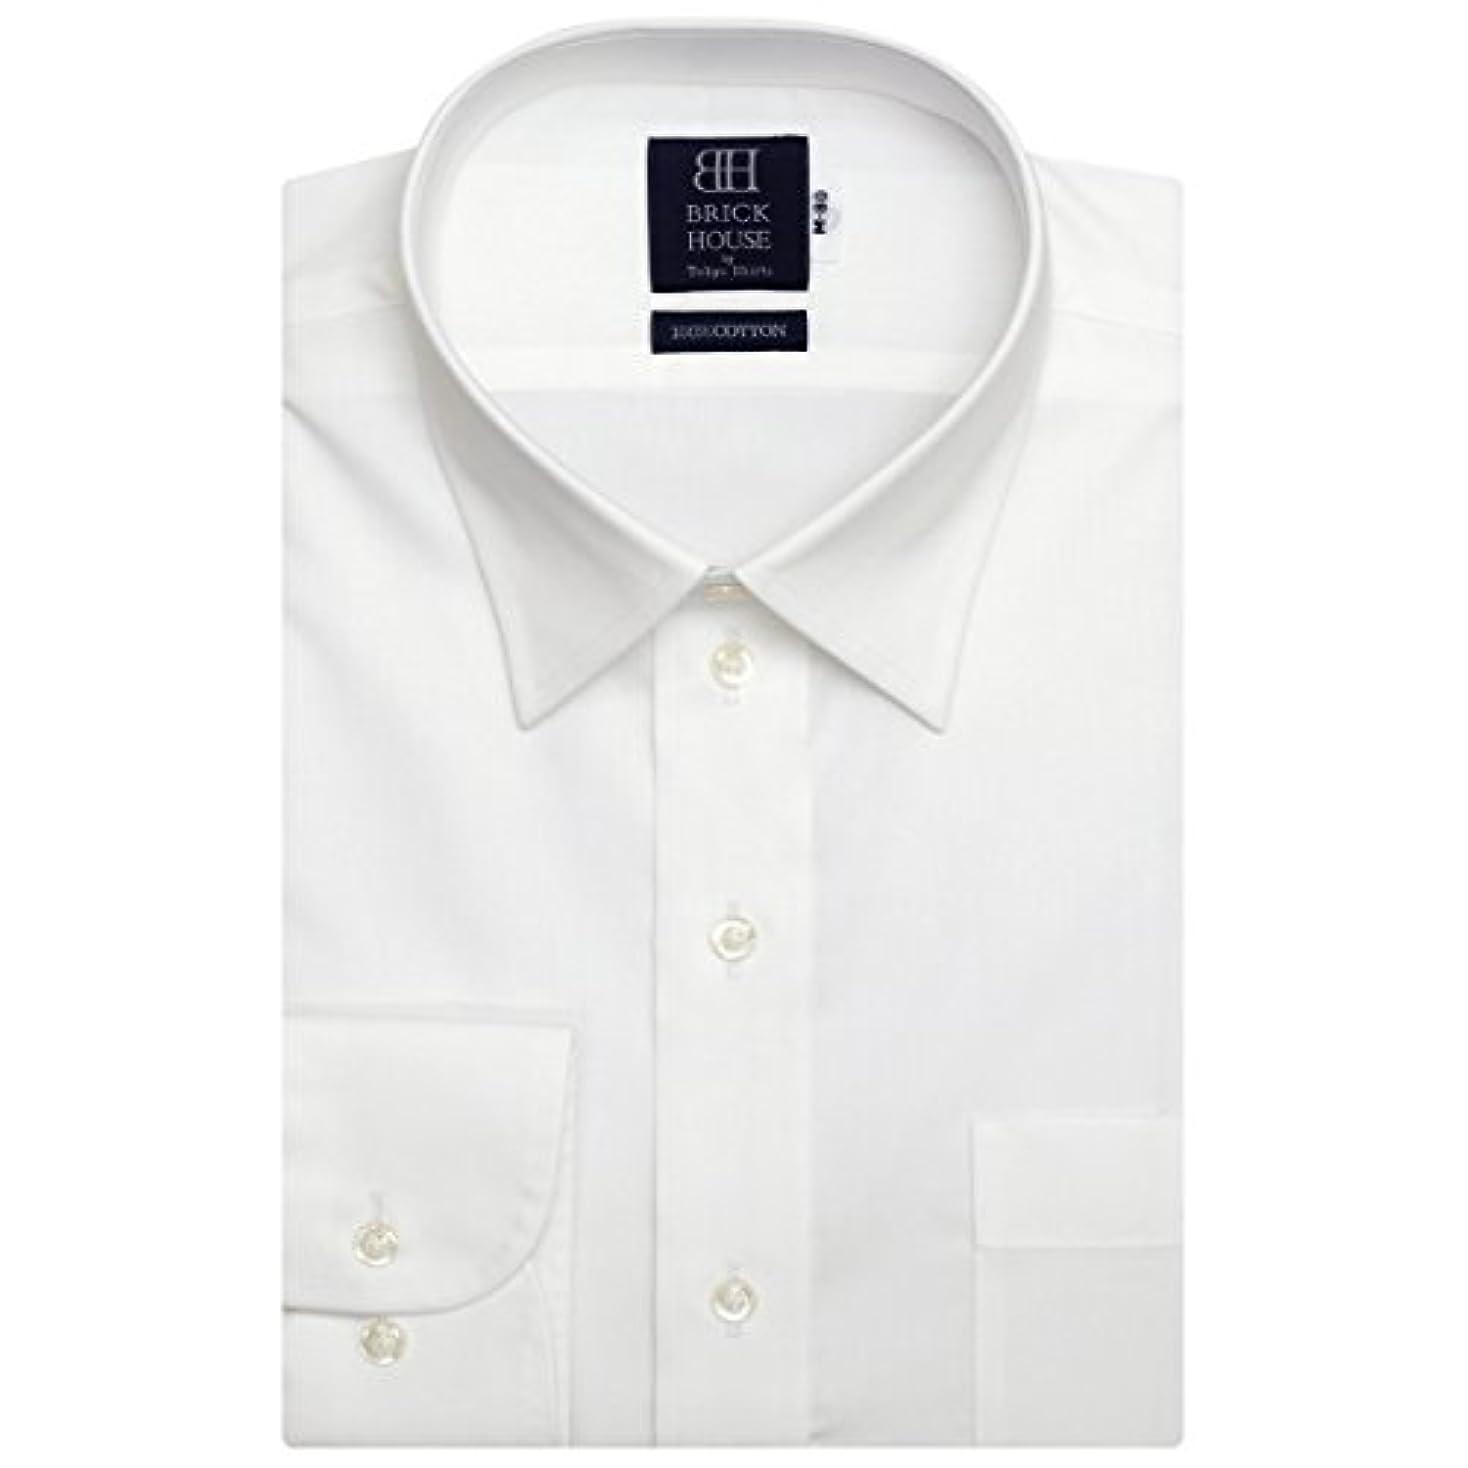 郊外キャンドル他の日ブリックハウス ワイシャツ 長袖 形態安定 レギュラー 綿100% 白無地 標準体 メンズ BM01X904AB12R4A-96